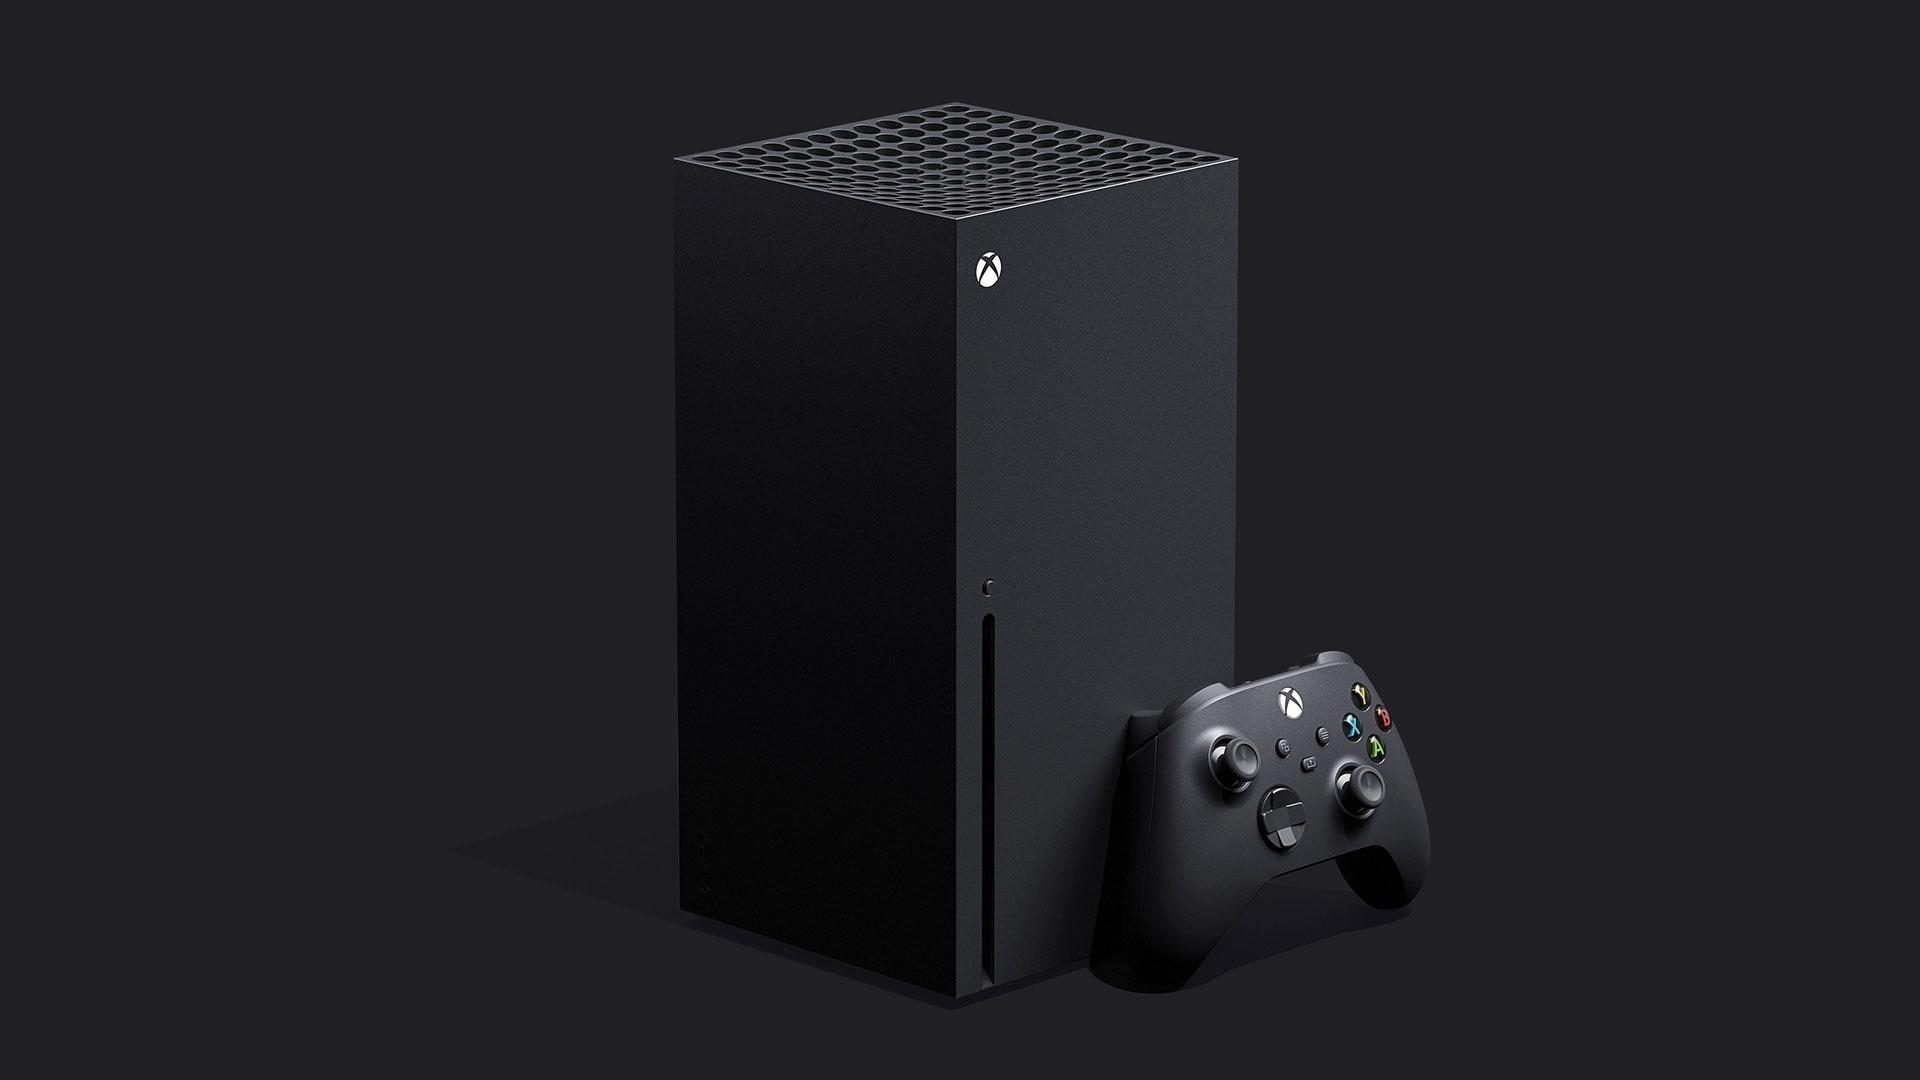 O novo console da Microsoft, o Xbox Series X